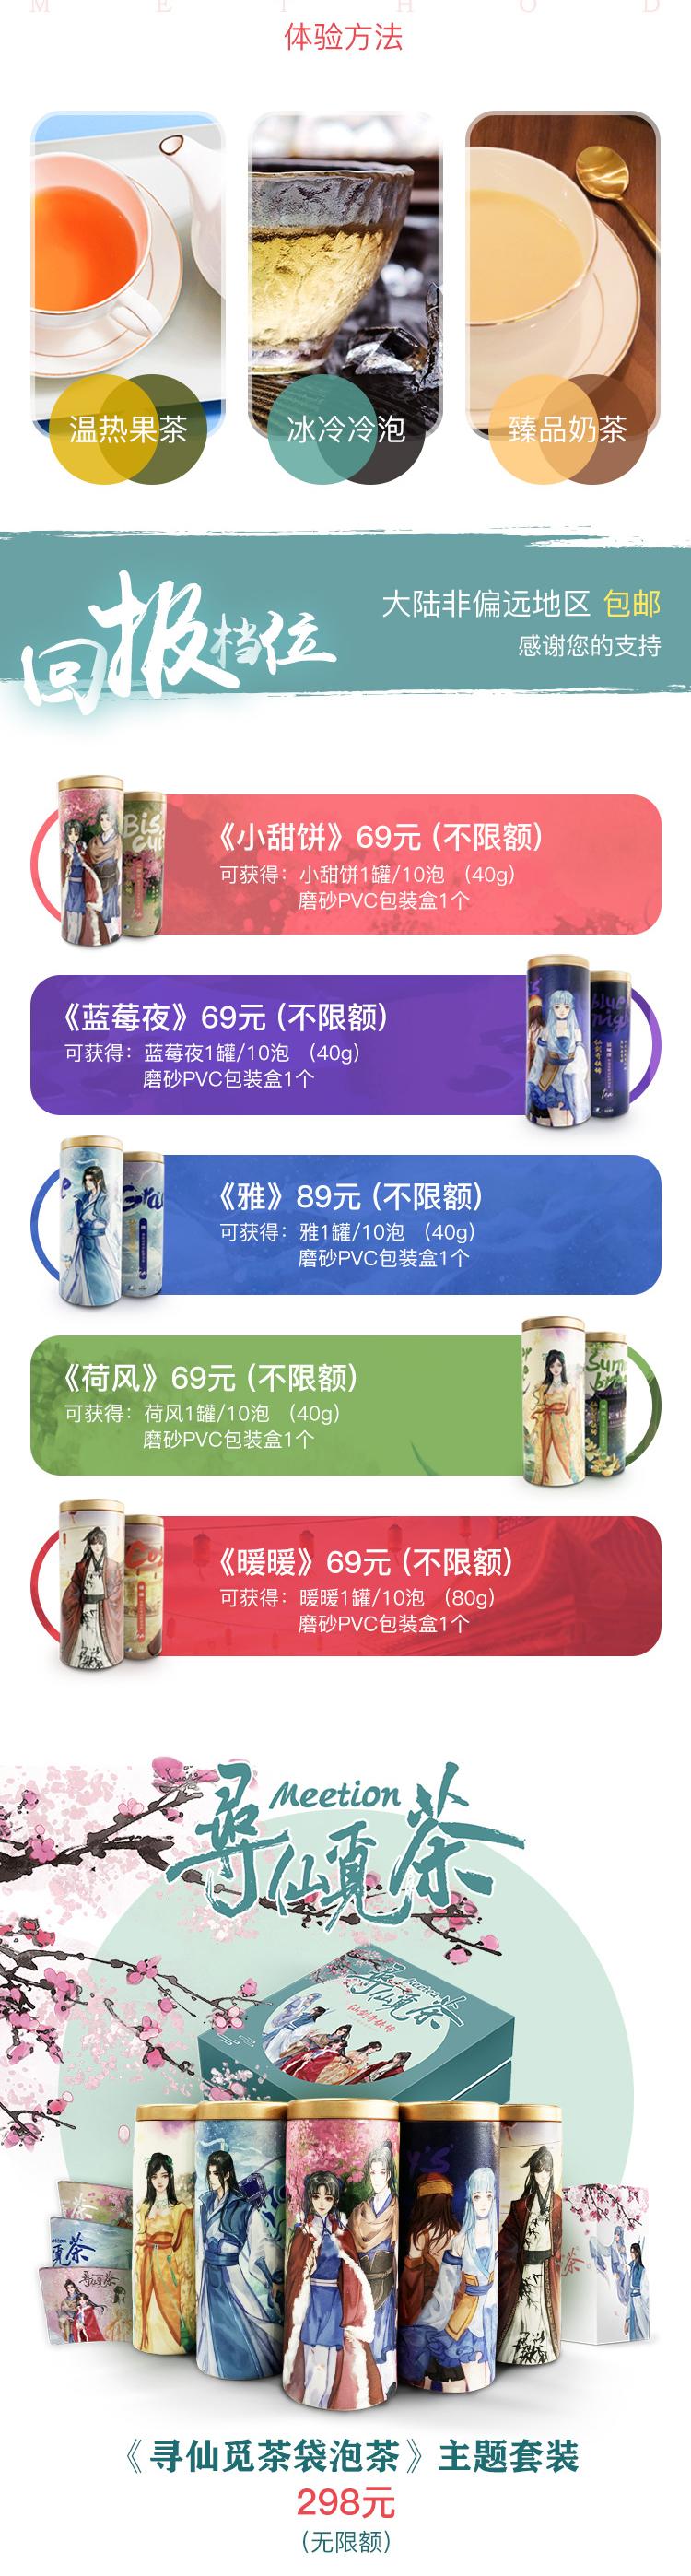 觅茶2.jpg